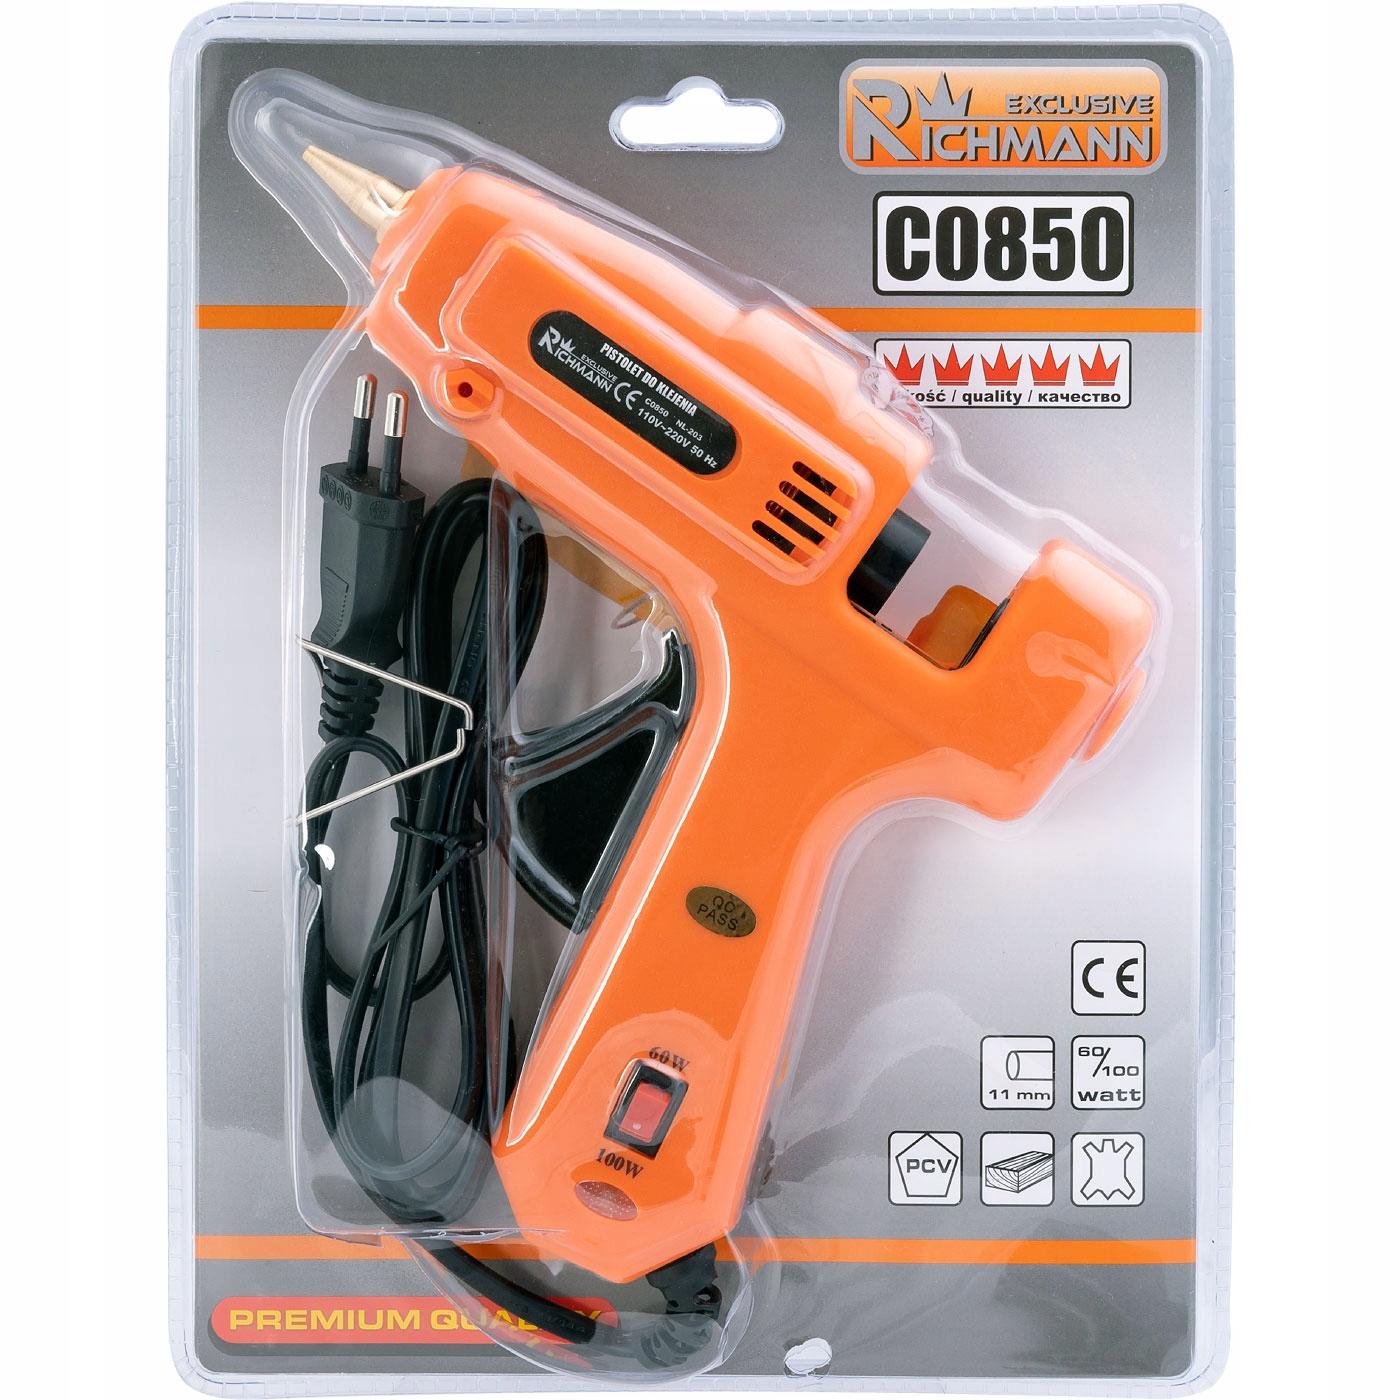 PISTOLET DO KLEJU 60/100 W EXCLUSIVE Kod producenta C0850